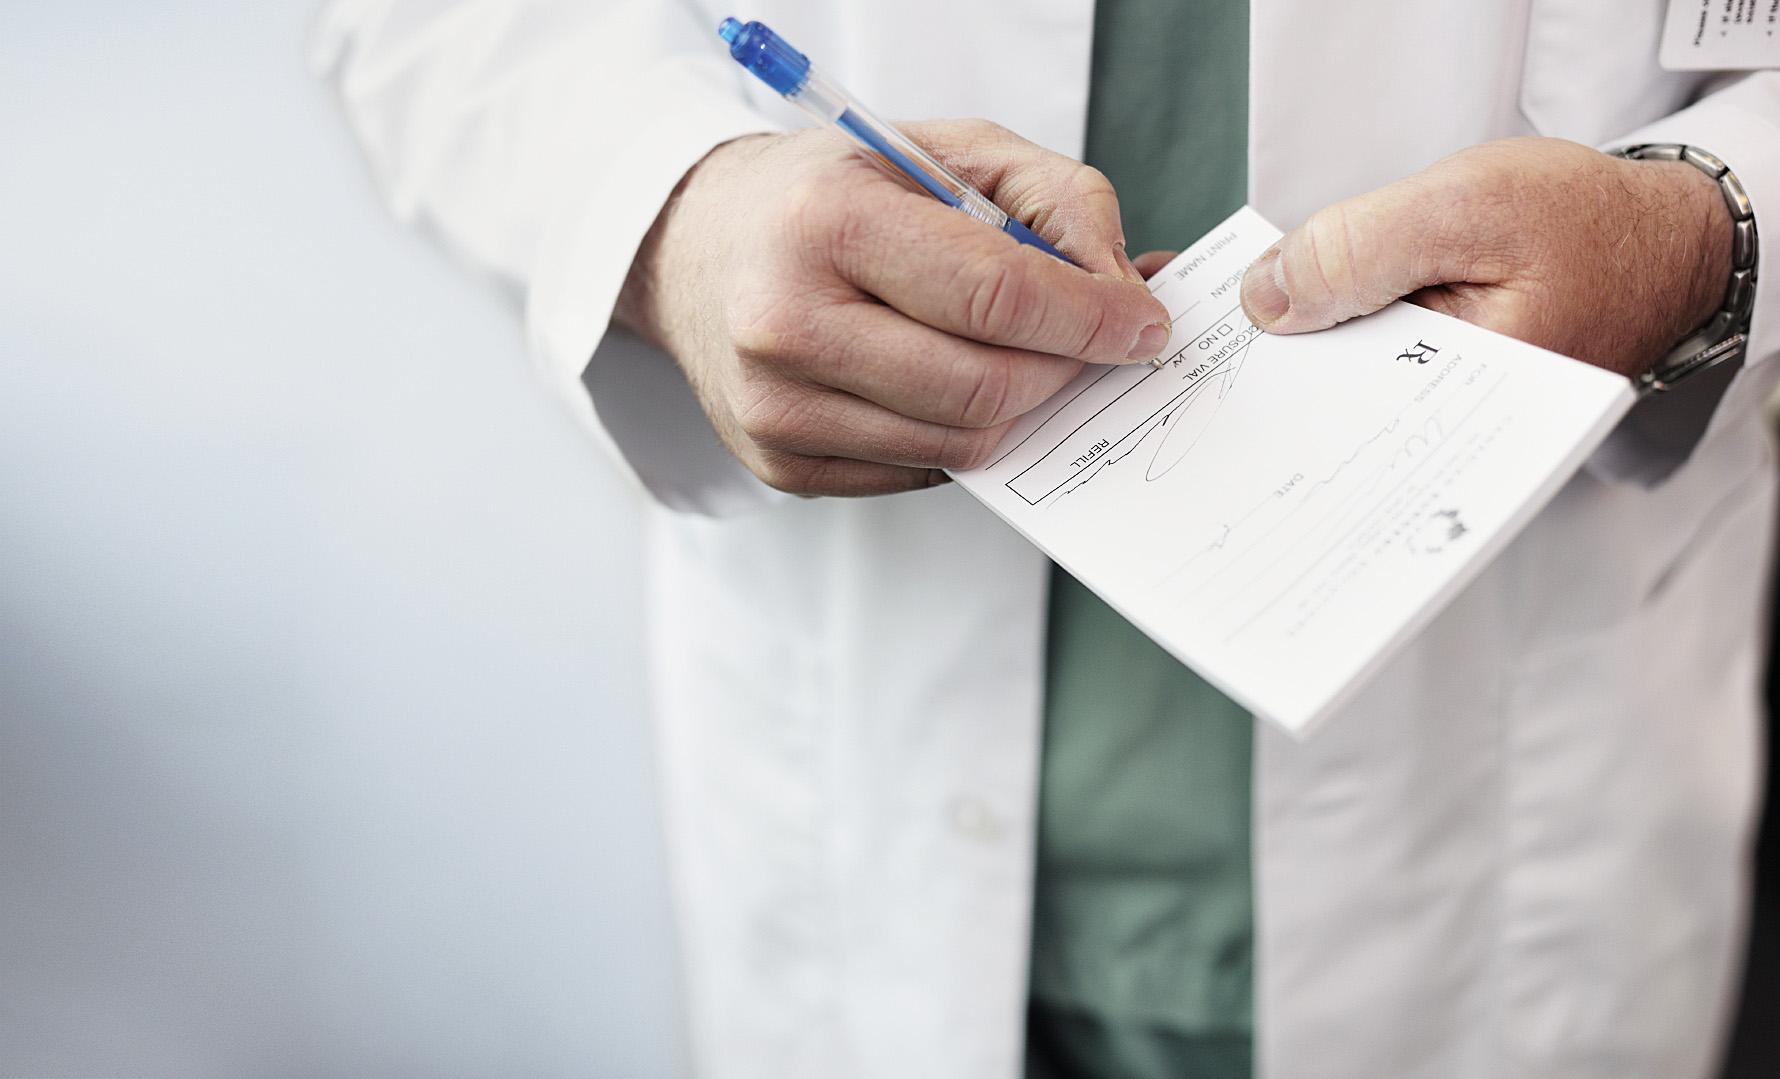 Симптомы рака простаты, признаки рака предстательной железы